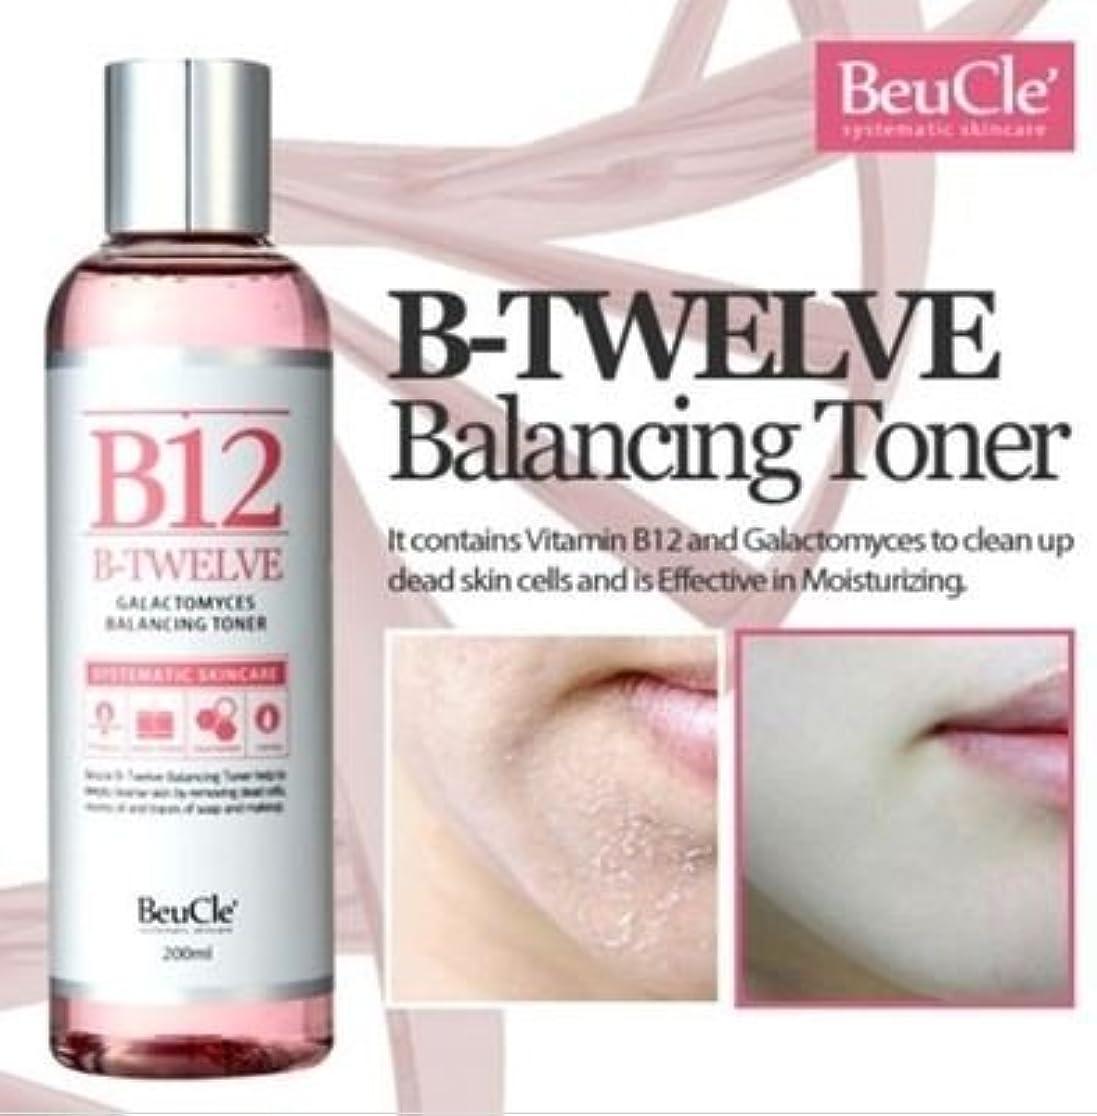 慈善掘るスイス人[ビュクレ] BeuCle' [B12ガラクトミセスバランシングトナー]B12 Galactomyces Balancing Toner] 敏感肌でもOK角質拭き取り化粧水 [並行輸入品]